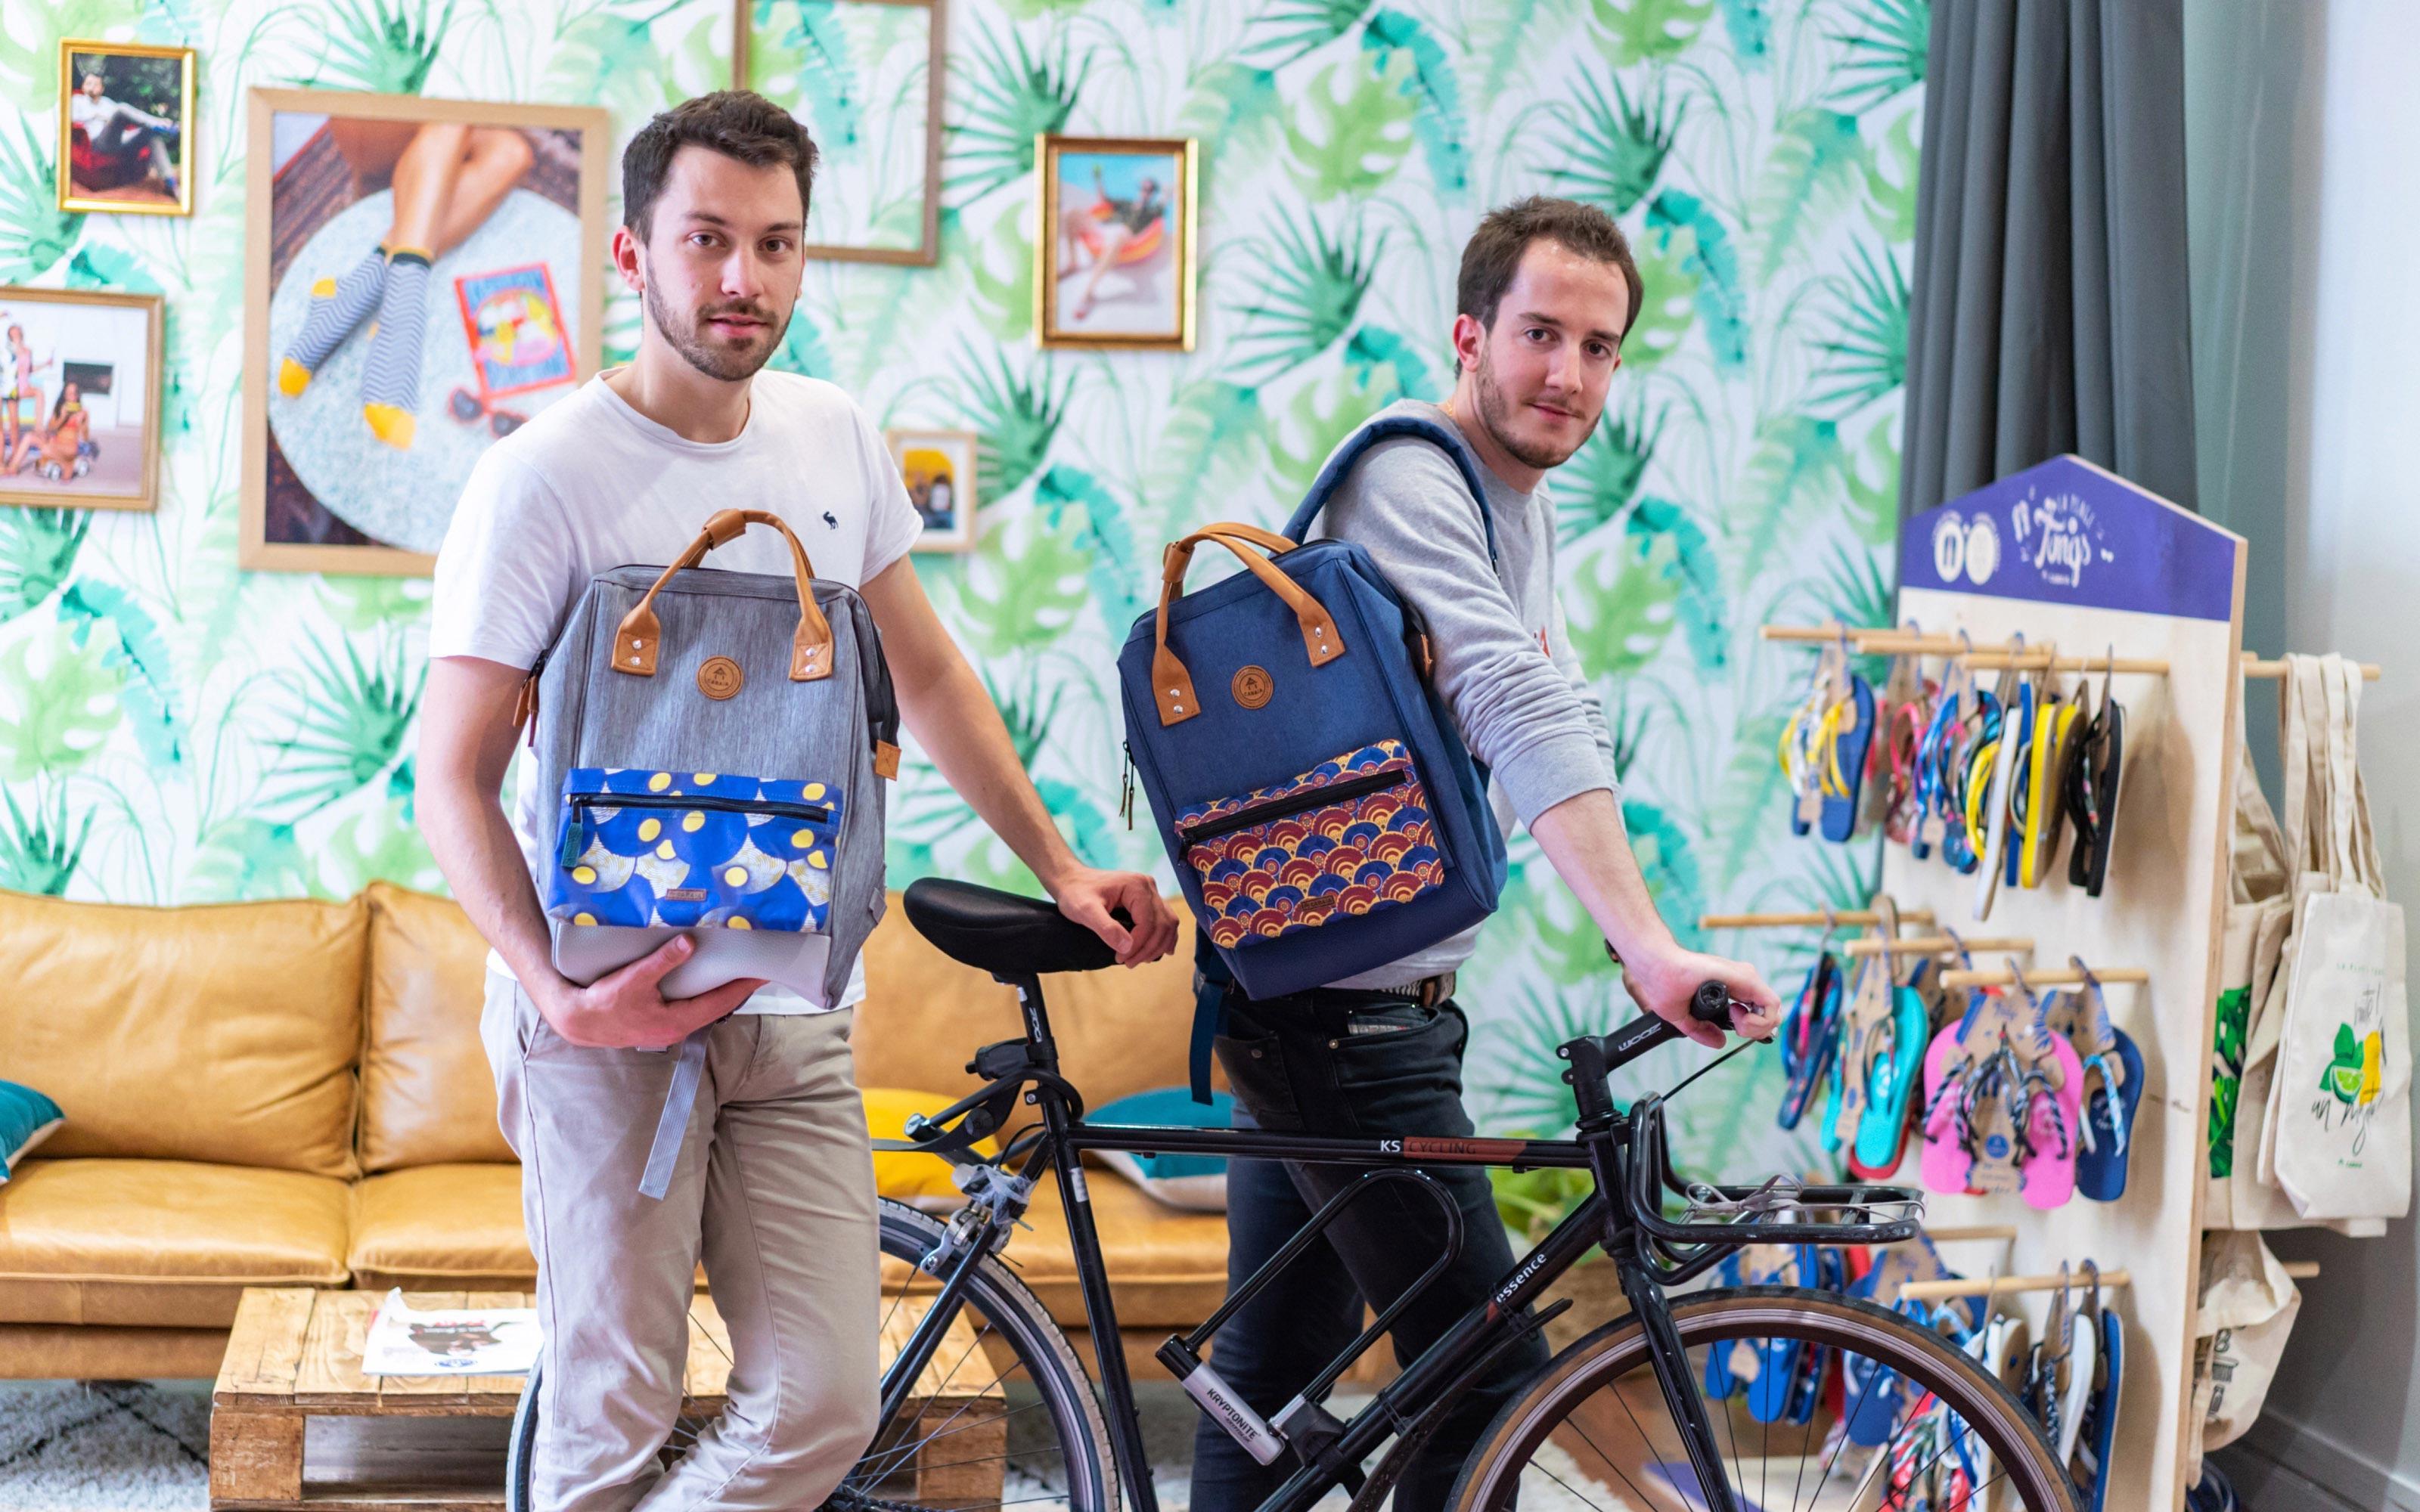 Online Fahrradmarke Veloretti, eine Kunden Story von Mollie